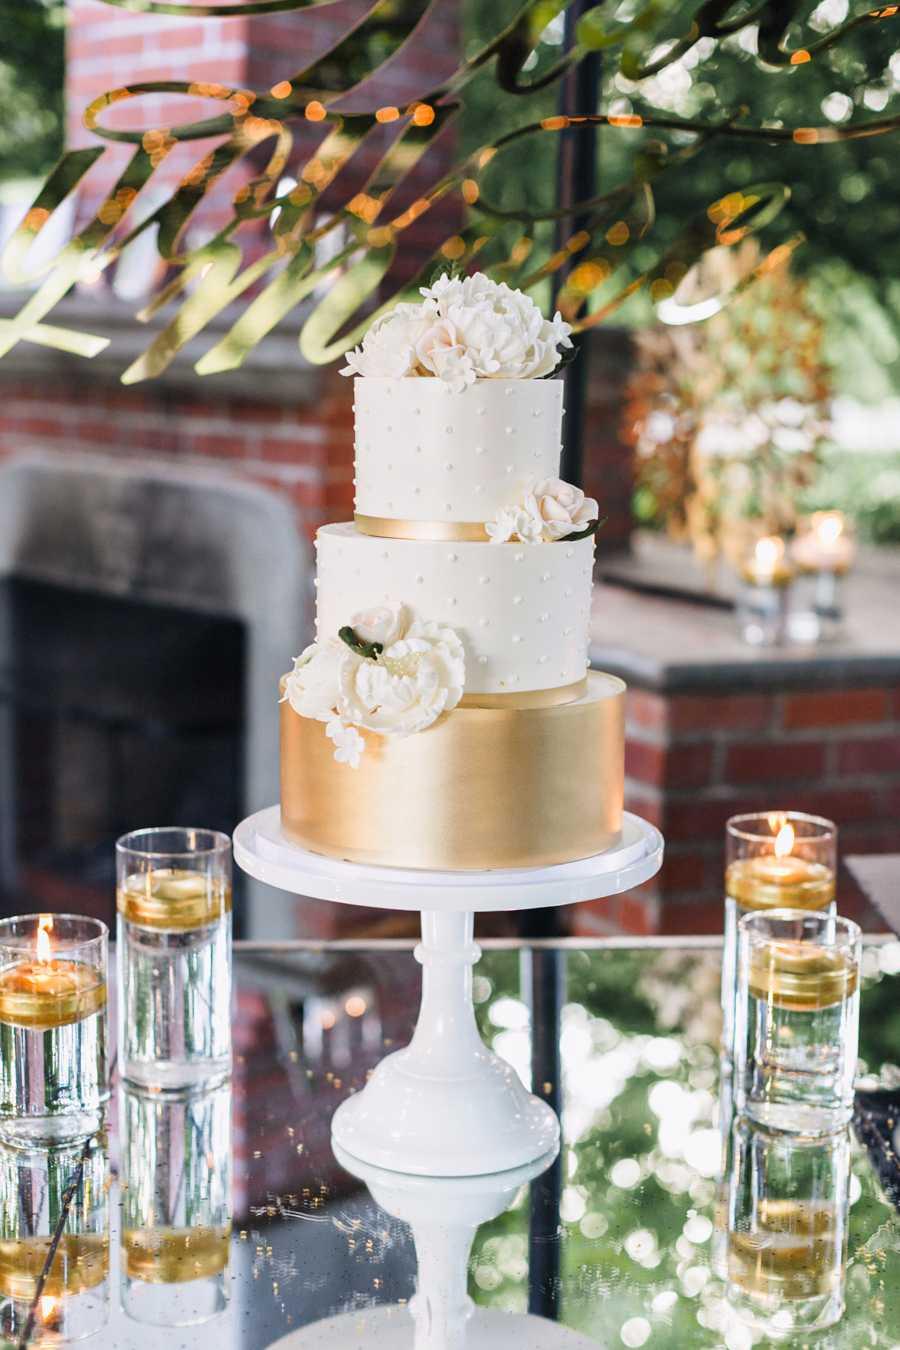 A delicadeza das flores na decoração do bolo